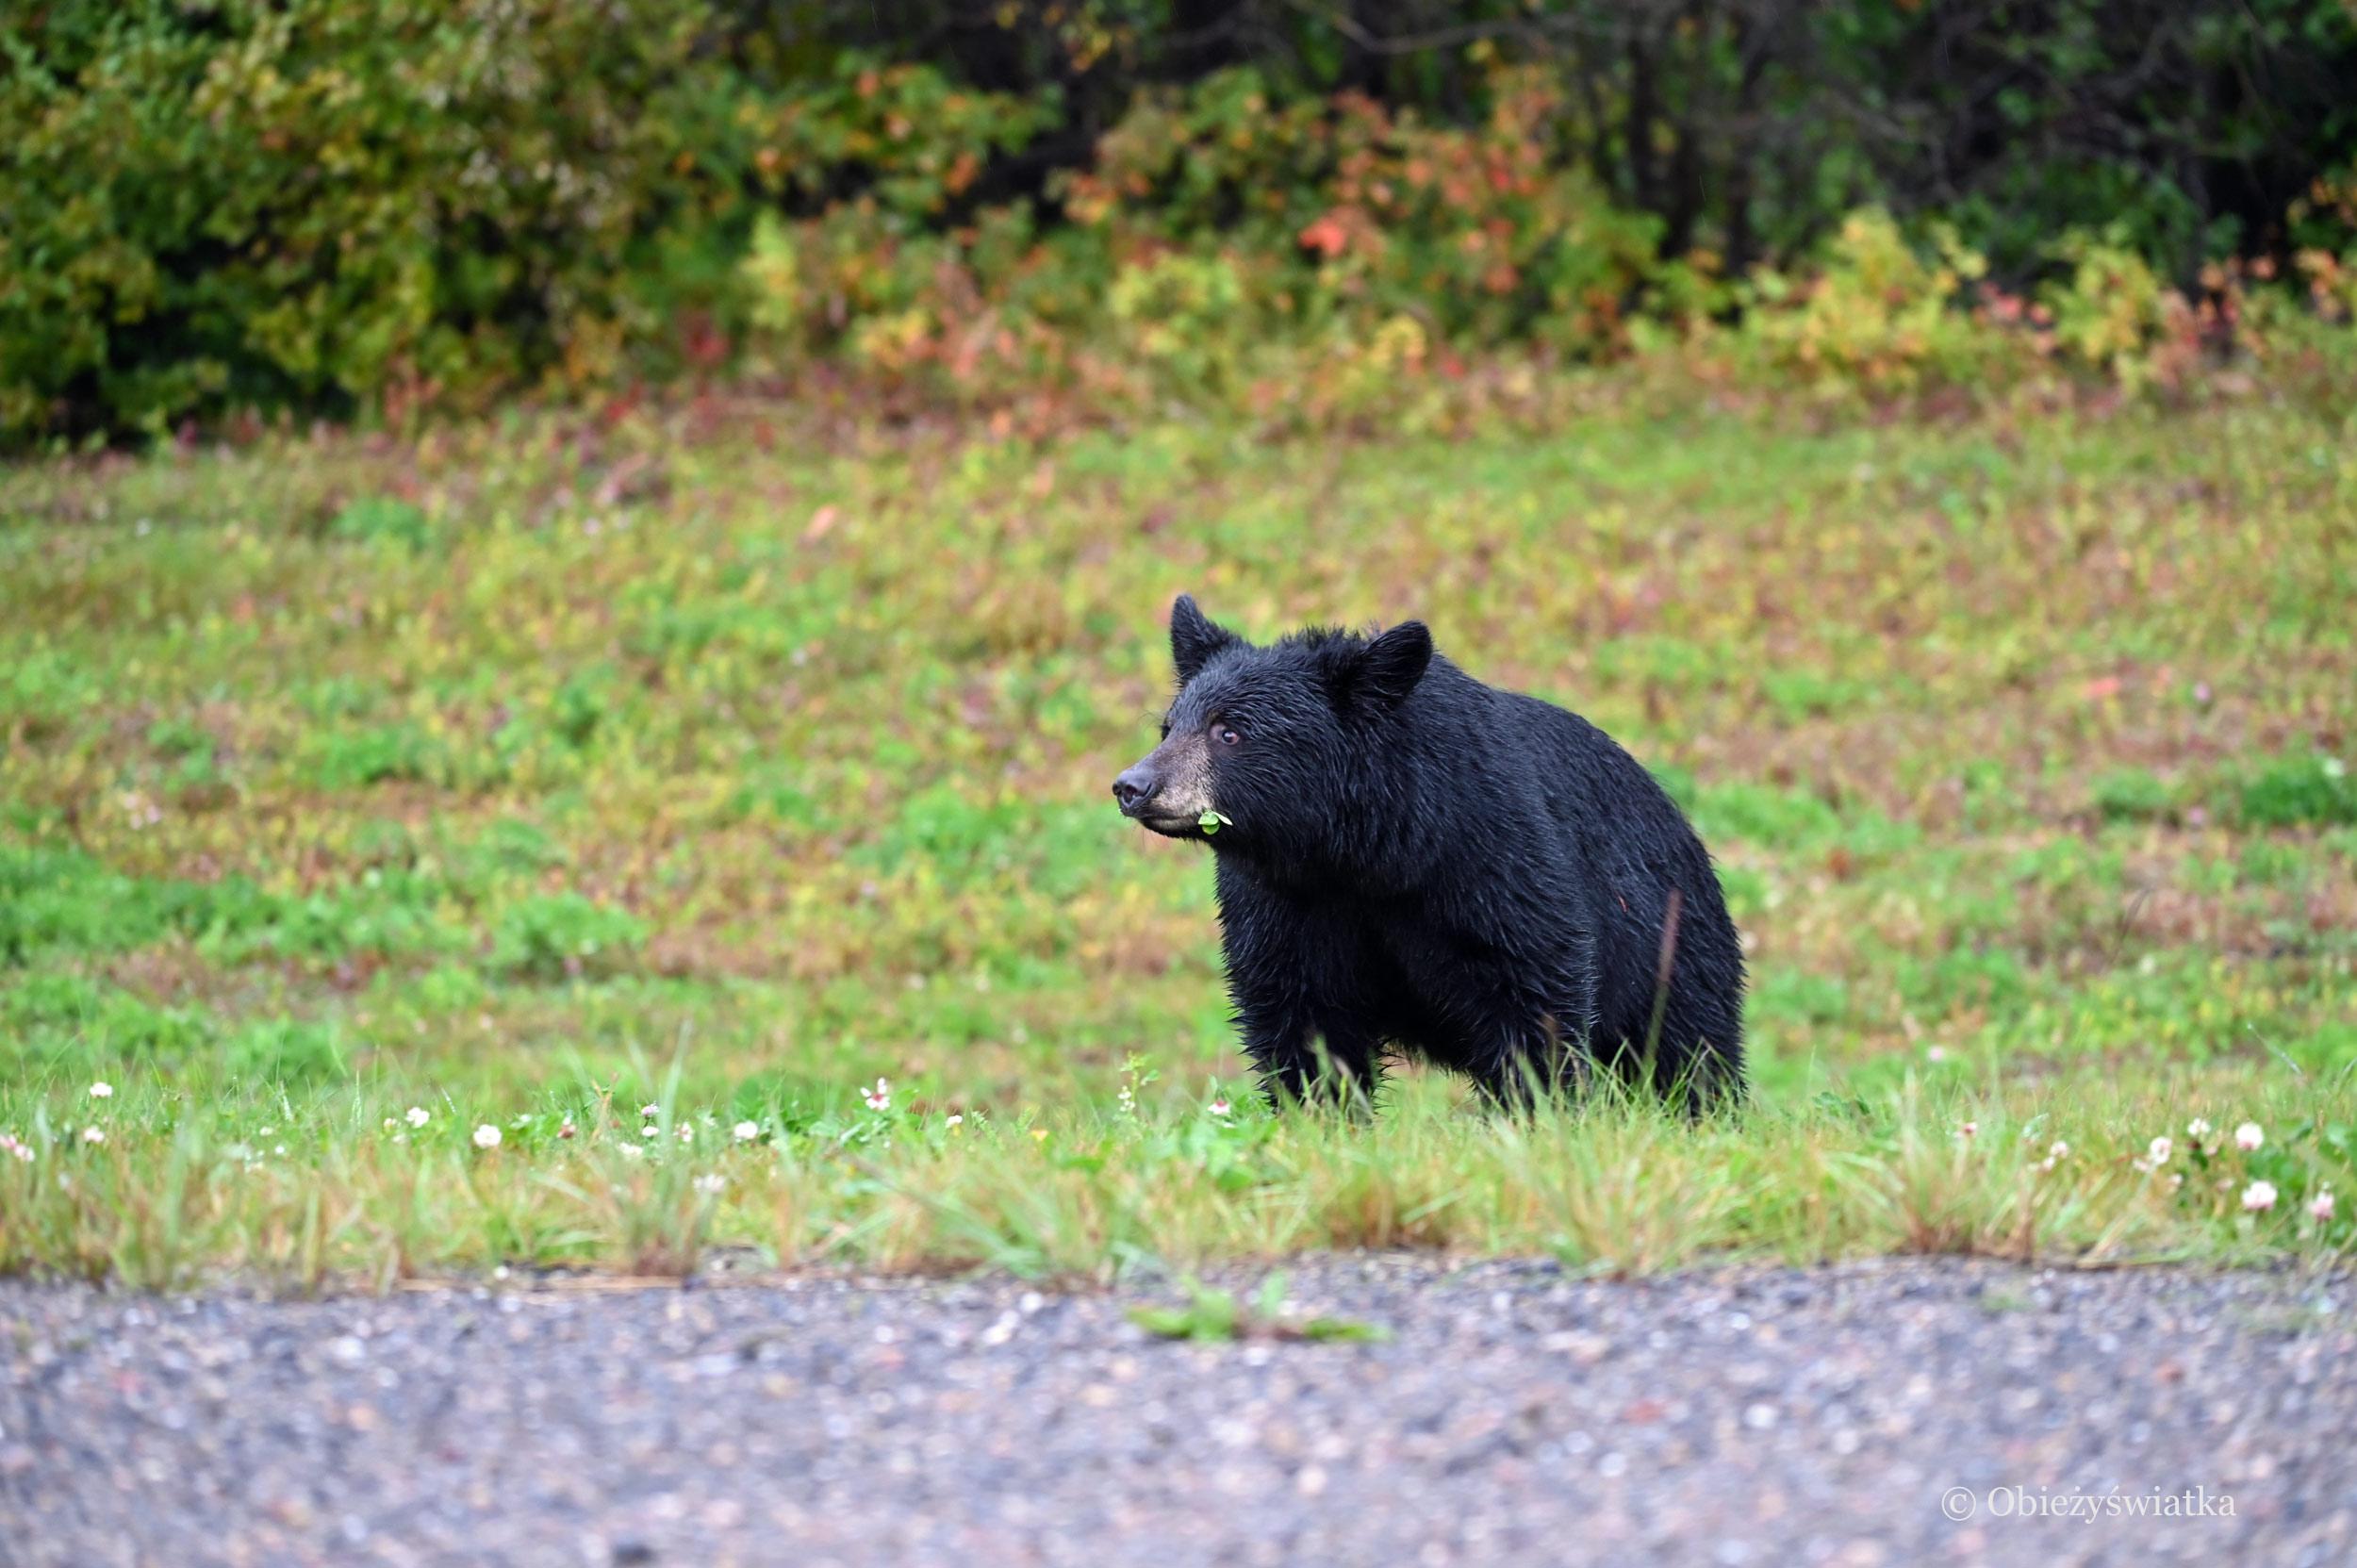 Proszę państwa, oto miś :) - napotkany na drodze Alaska Highway, Kanada